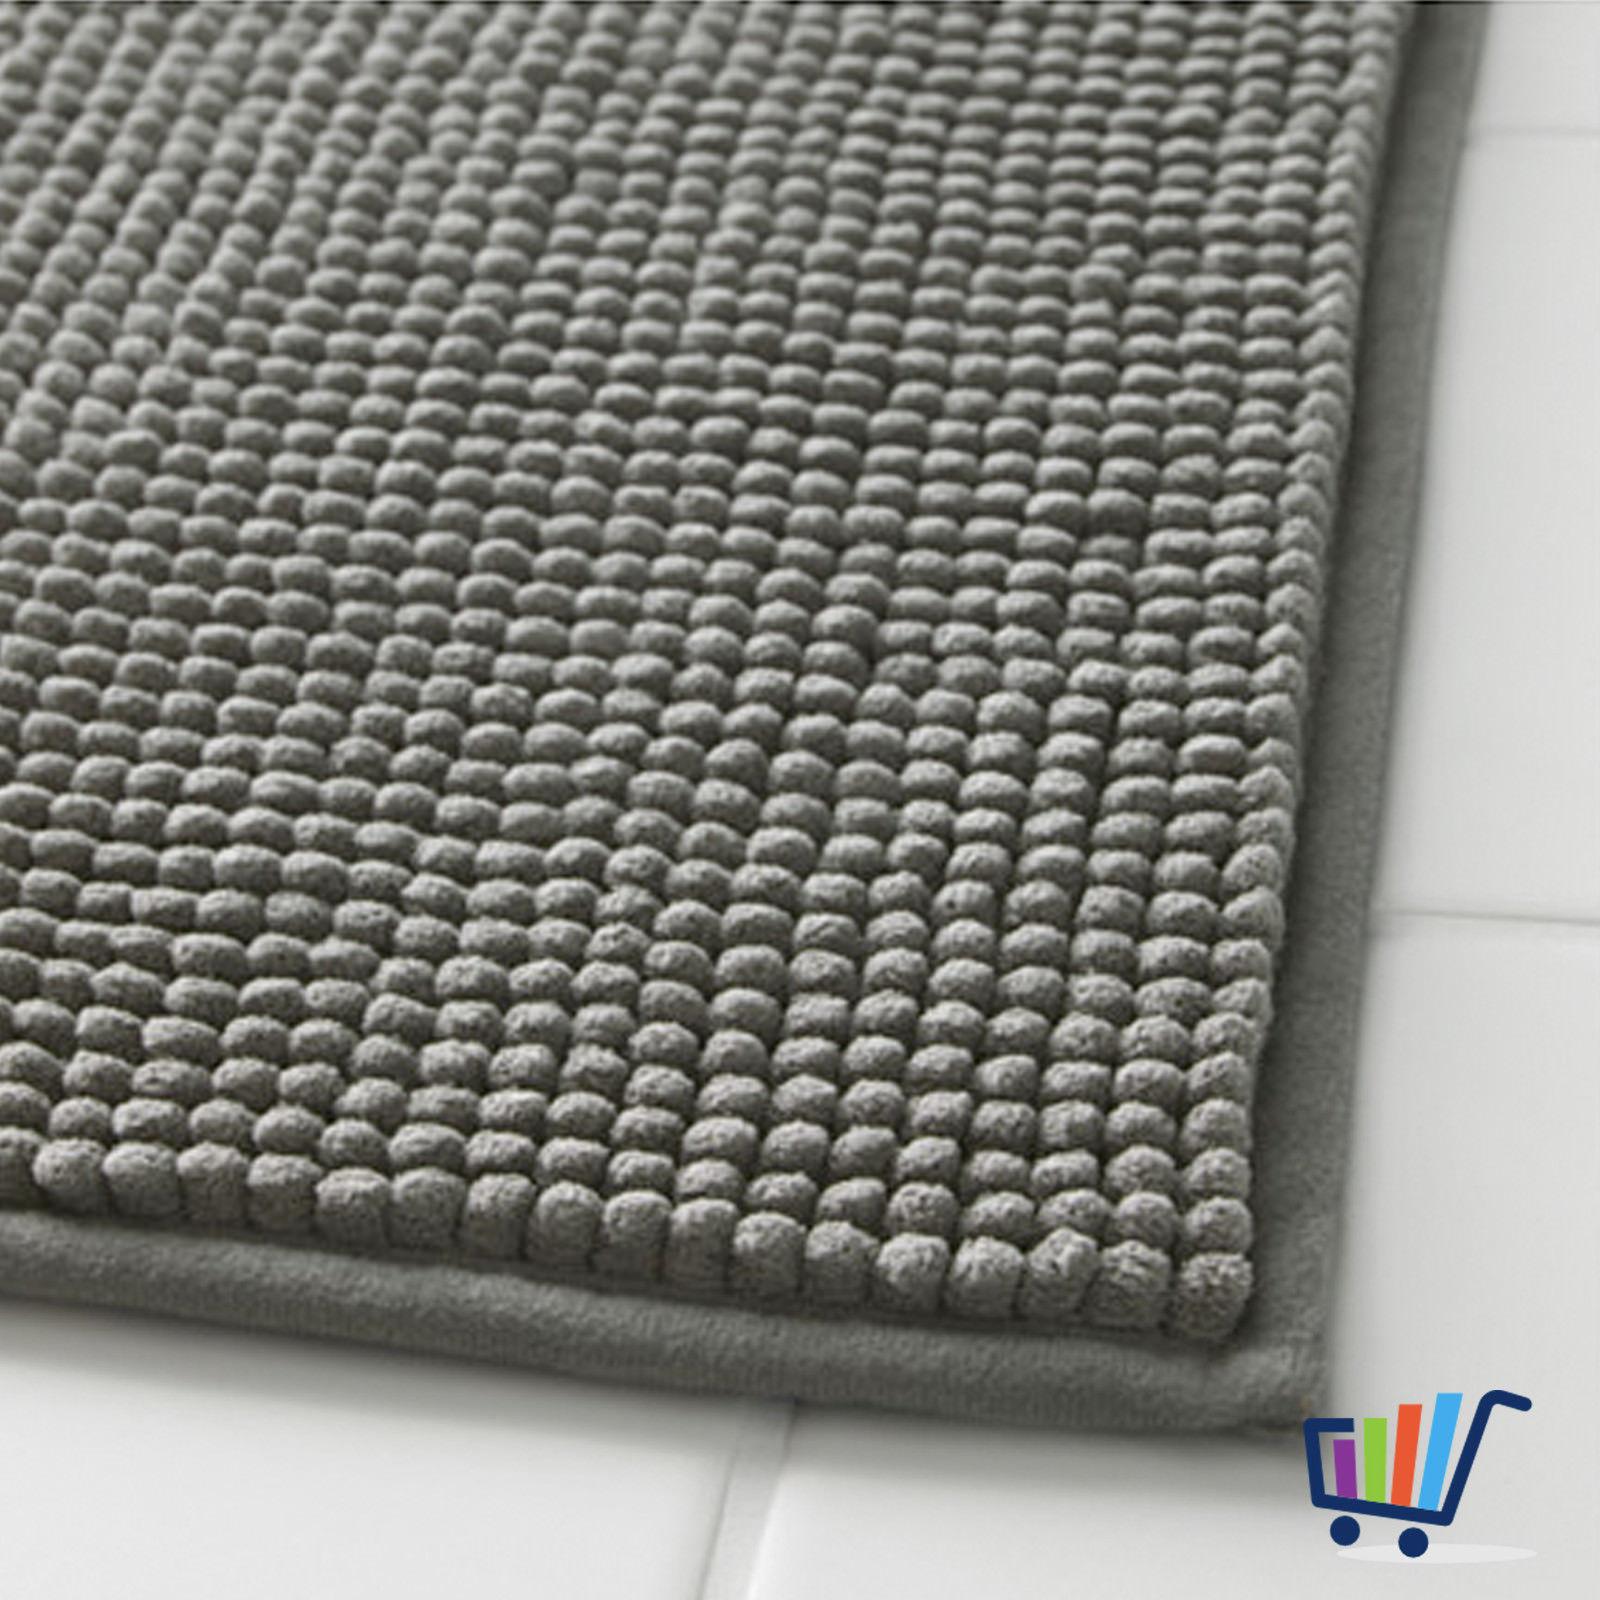 ikea toftbo duschmatte 60 90 cm grau matte vorleger badezimmermatte weich neu traumfabrik xxl. Black Bedroom Furniture Sets. Home Design Ideas